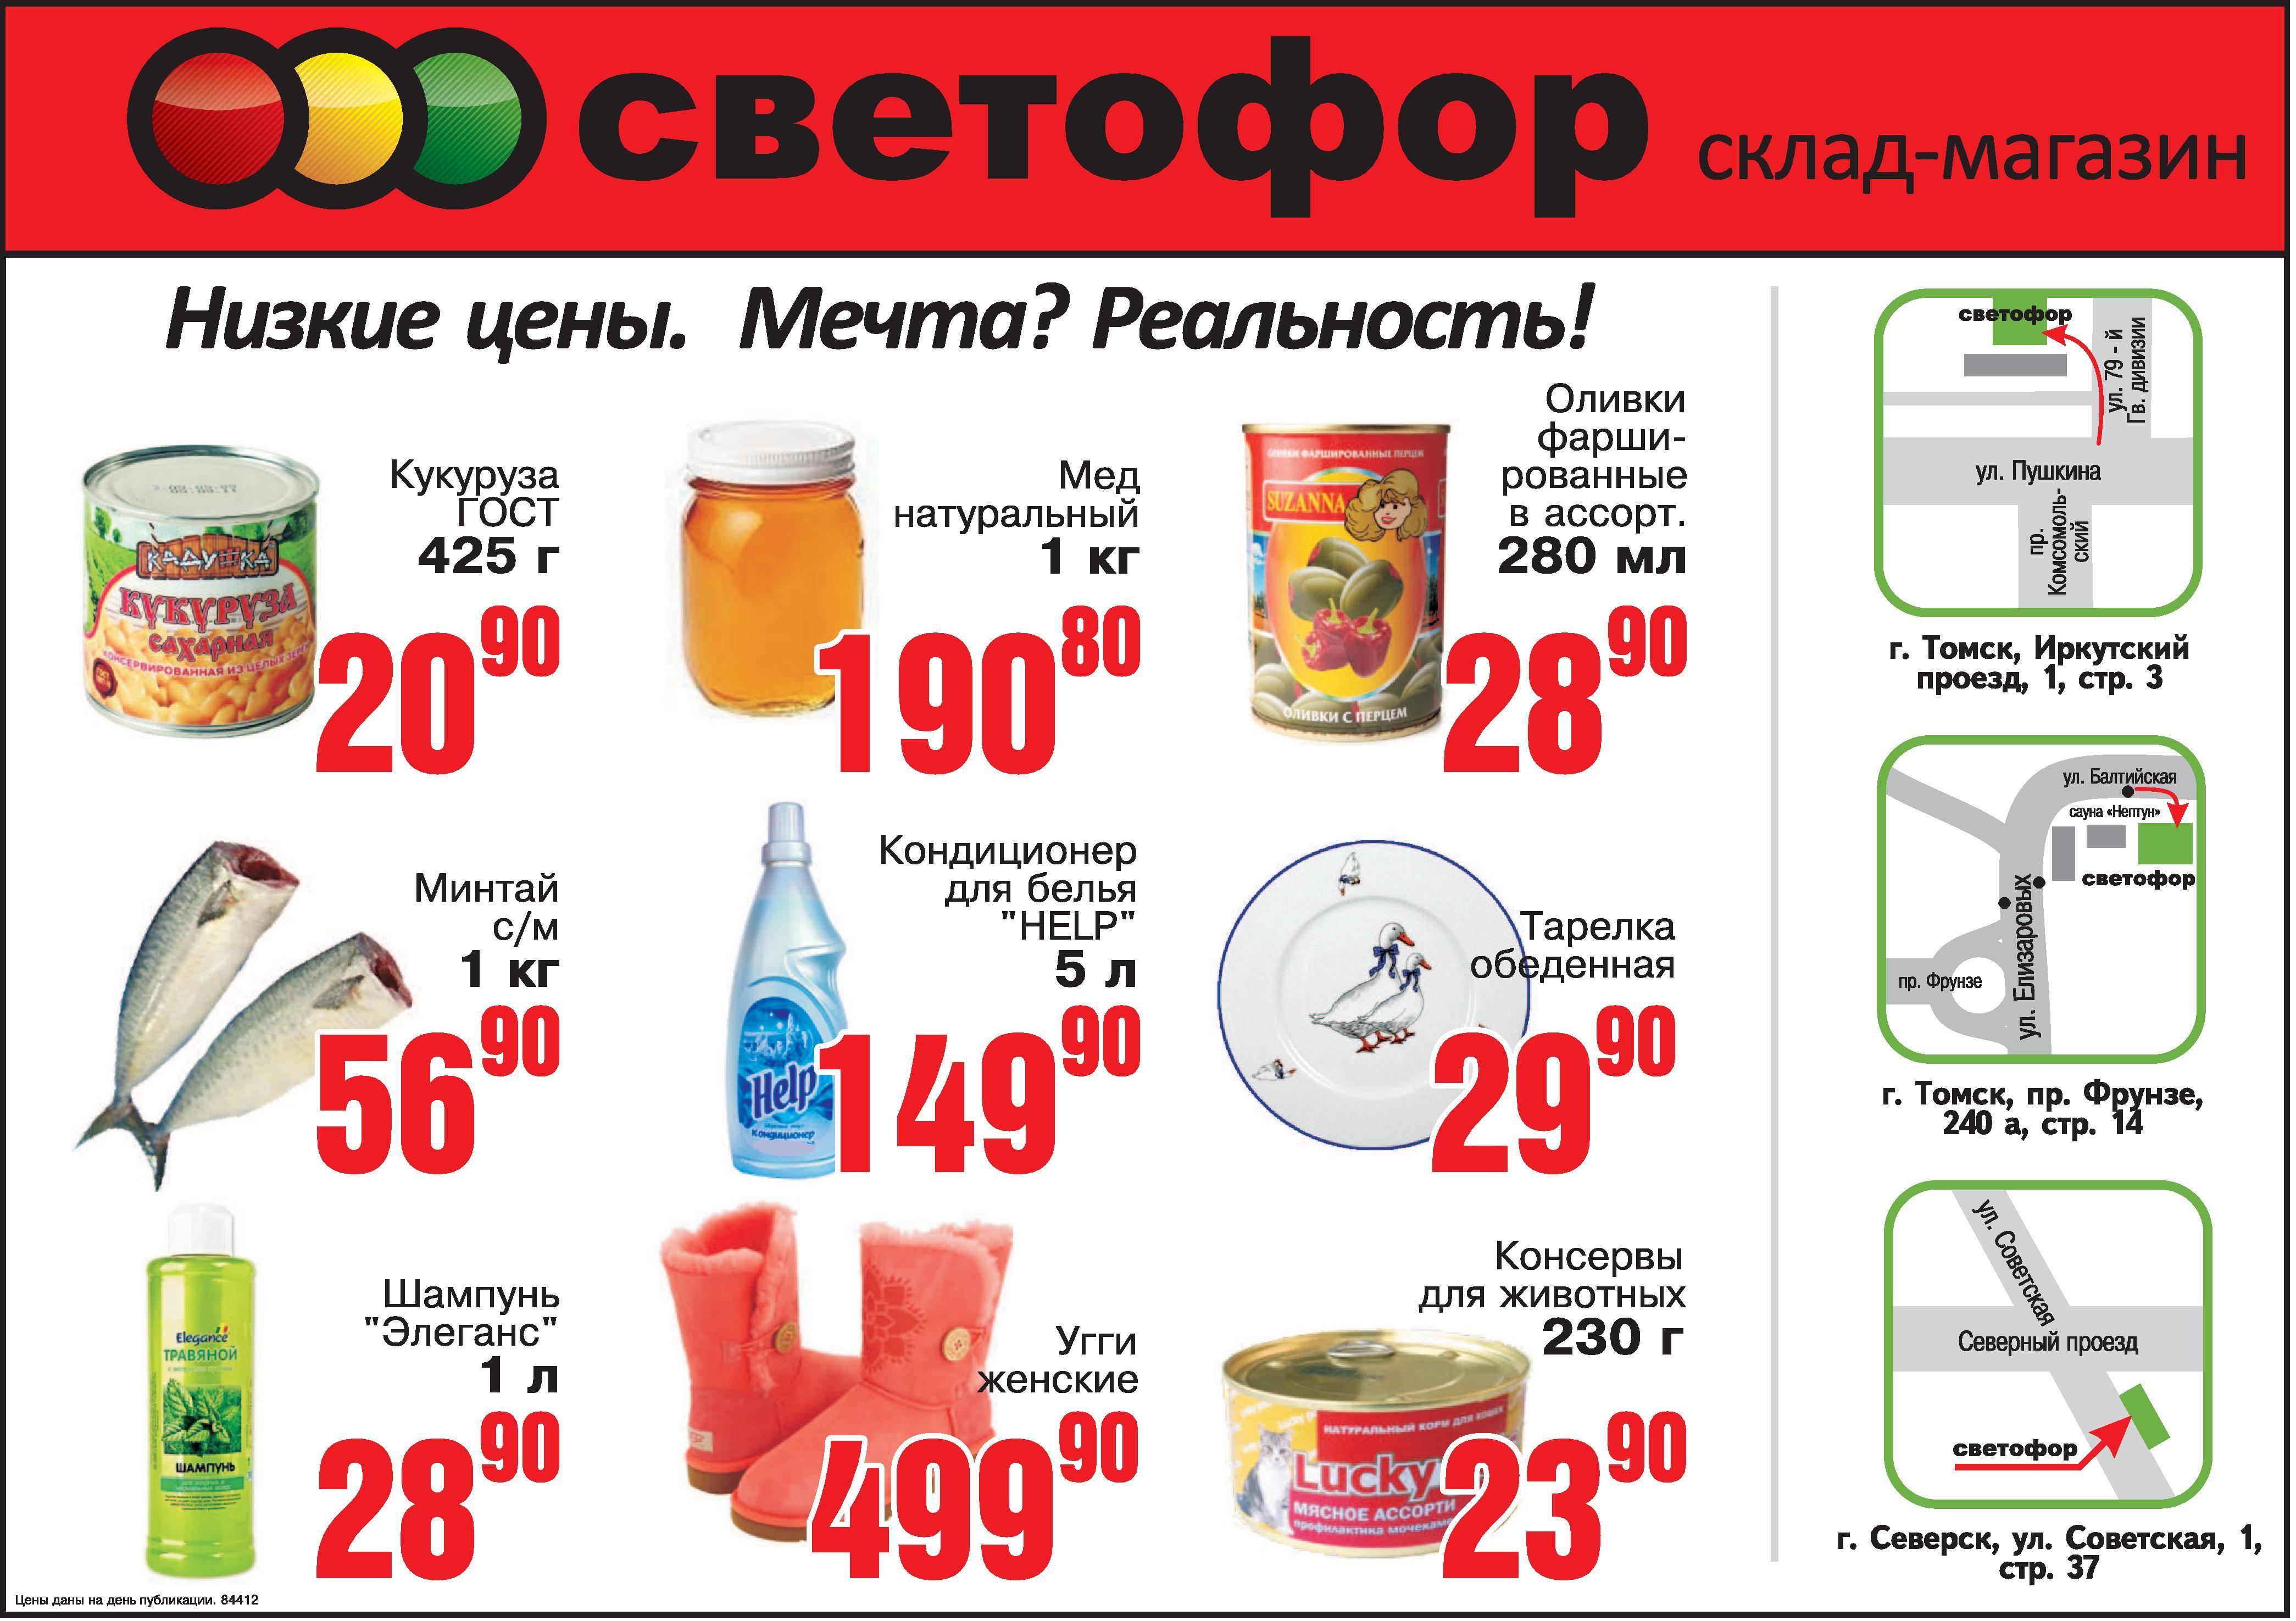 Сыктывкар Алкоголь Оптом Рязань